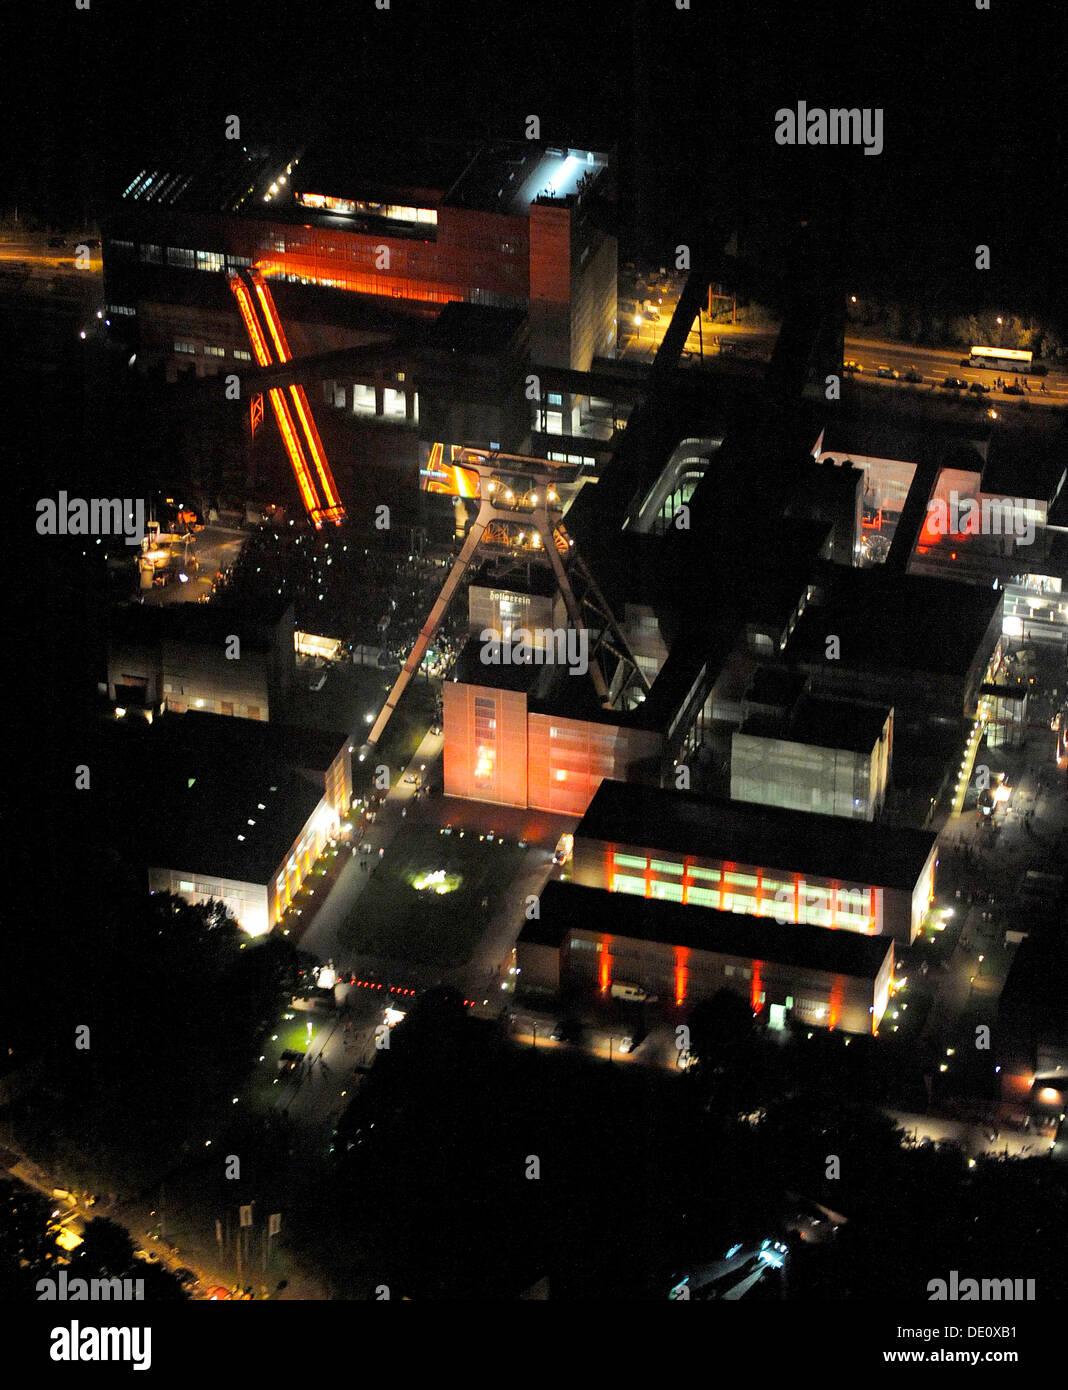 Aerial photo, Zollverein Coal Mine Industrial Complex at night, Stoppenberg, Essen, Ruhr Extraschicht 2009 night flight - Stock Image